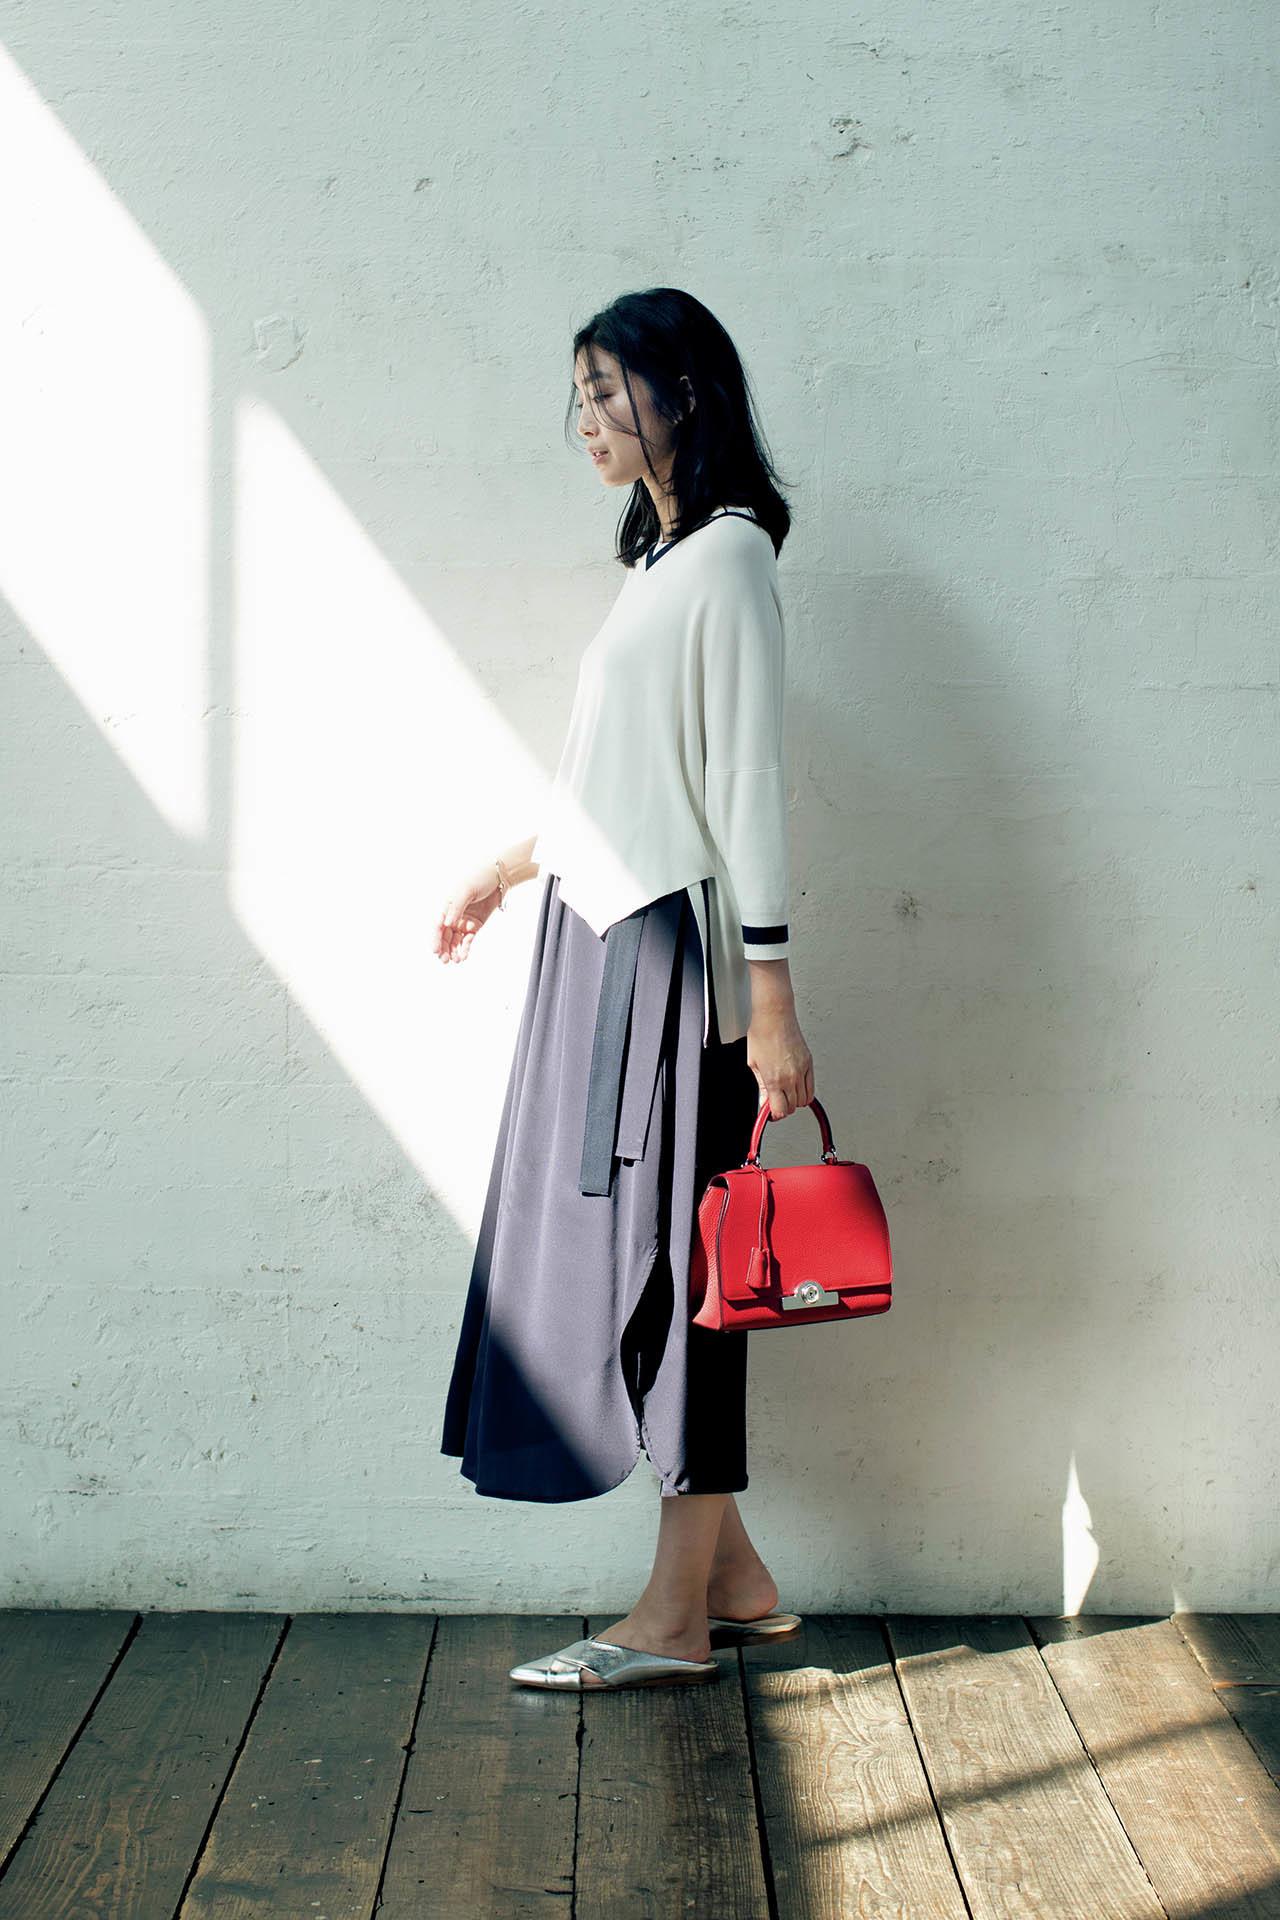 とろみ素材&プリーツスカートがあれば、品ありな女性らしさがかなう! 五選_1_1-2